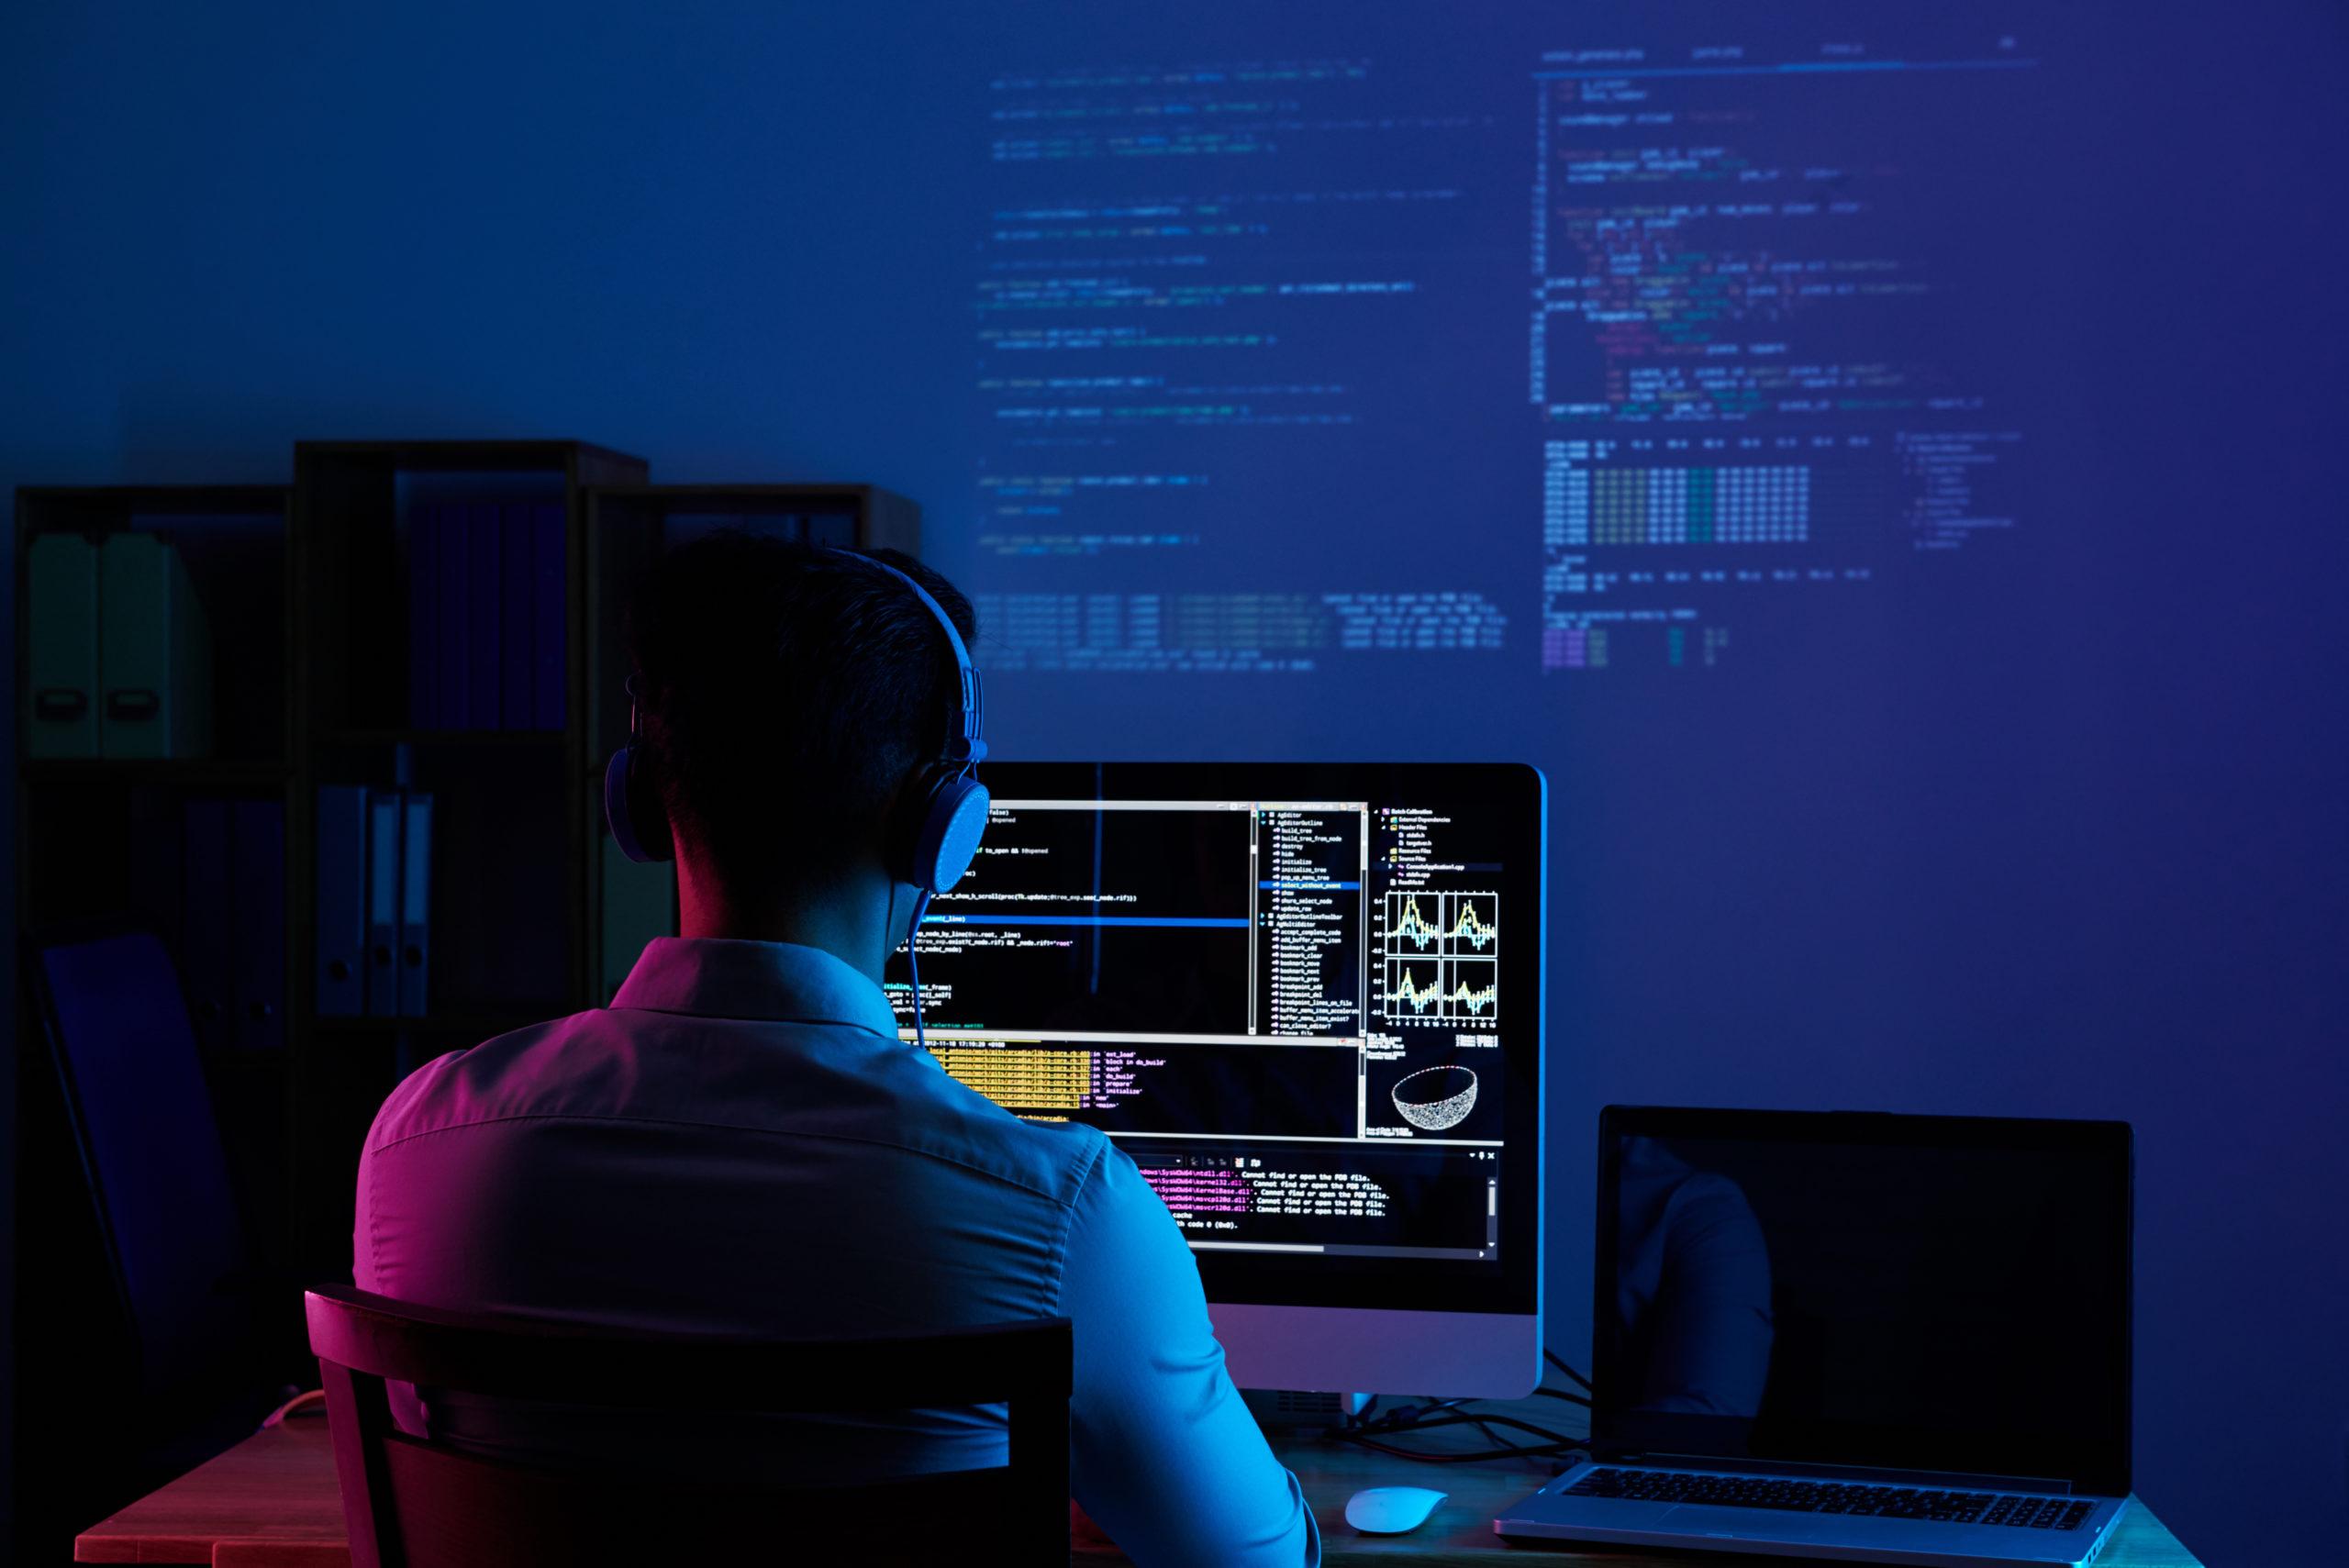 Toutes les cybermenaces conduisent à l'exfiltration de données